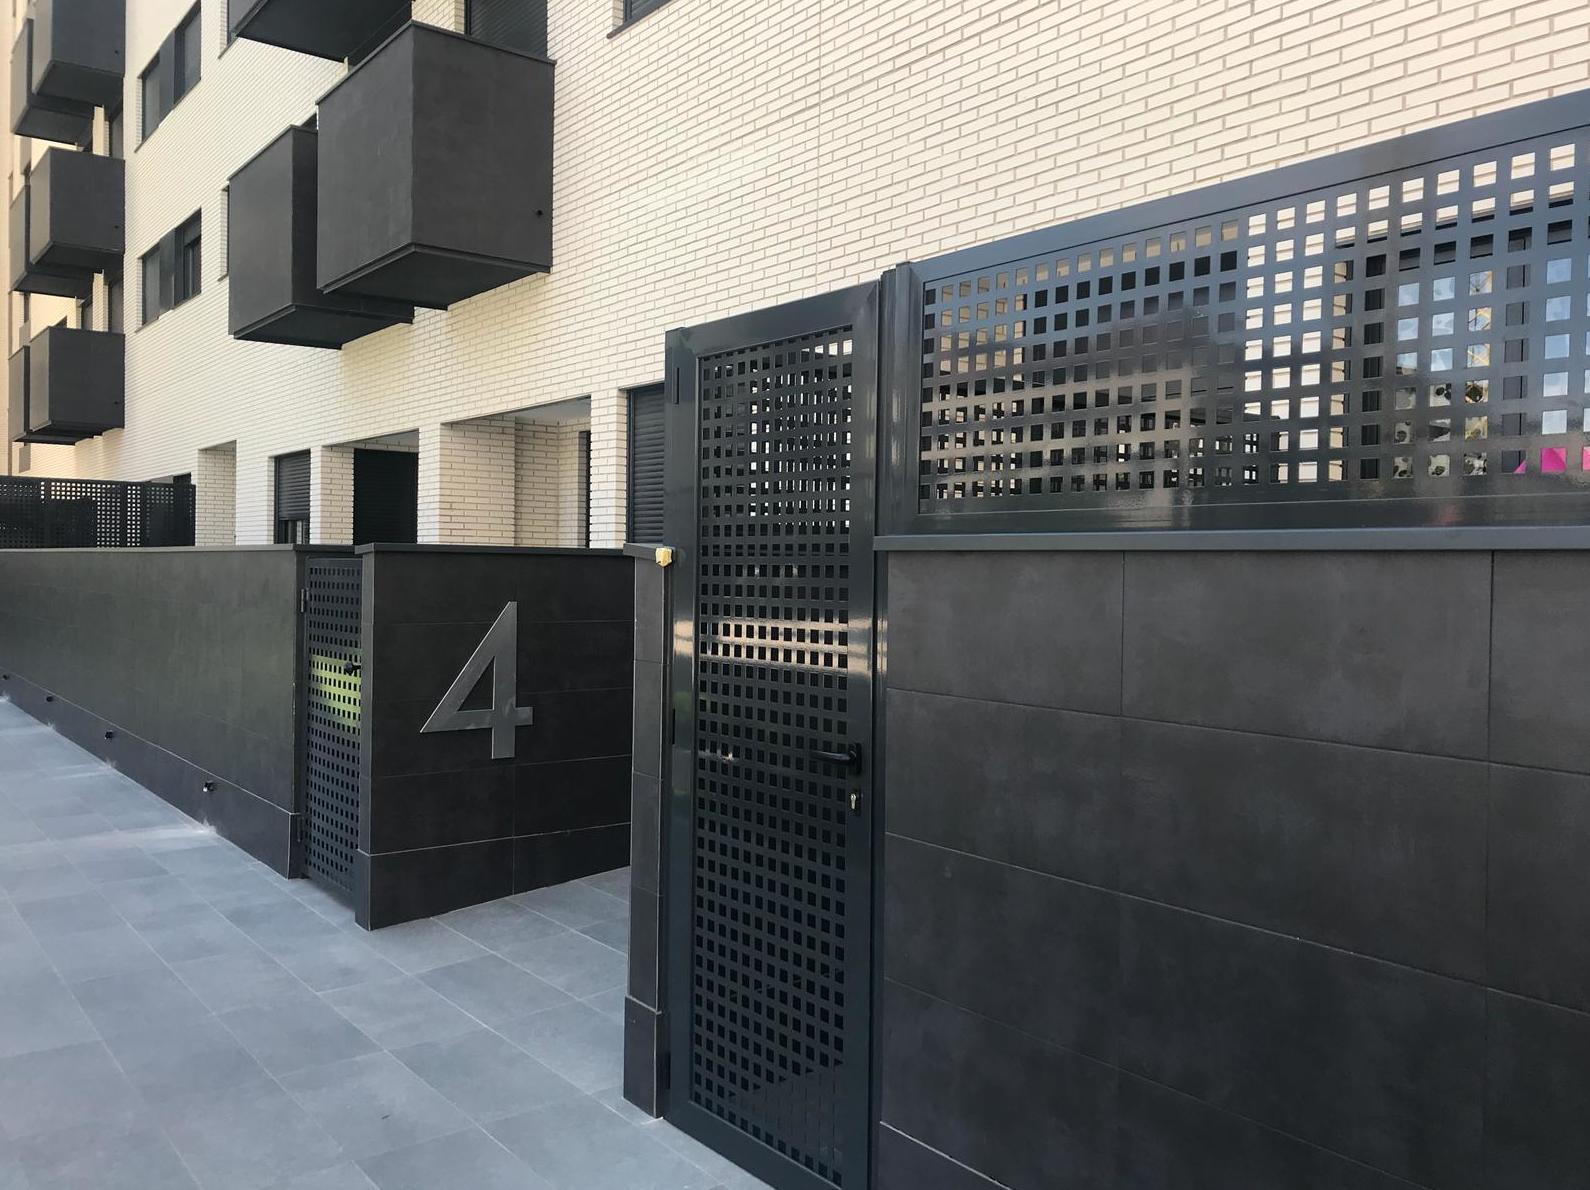 puerta abatible de 1 hoja y bastidor compuesto por chapa troquelada cuadros en color negro